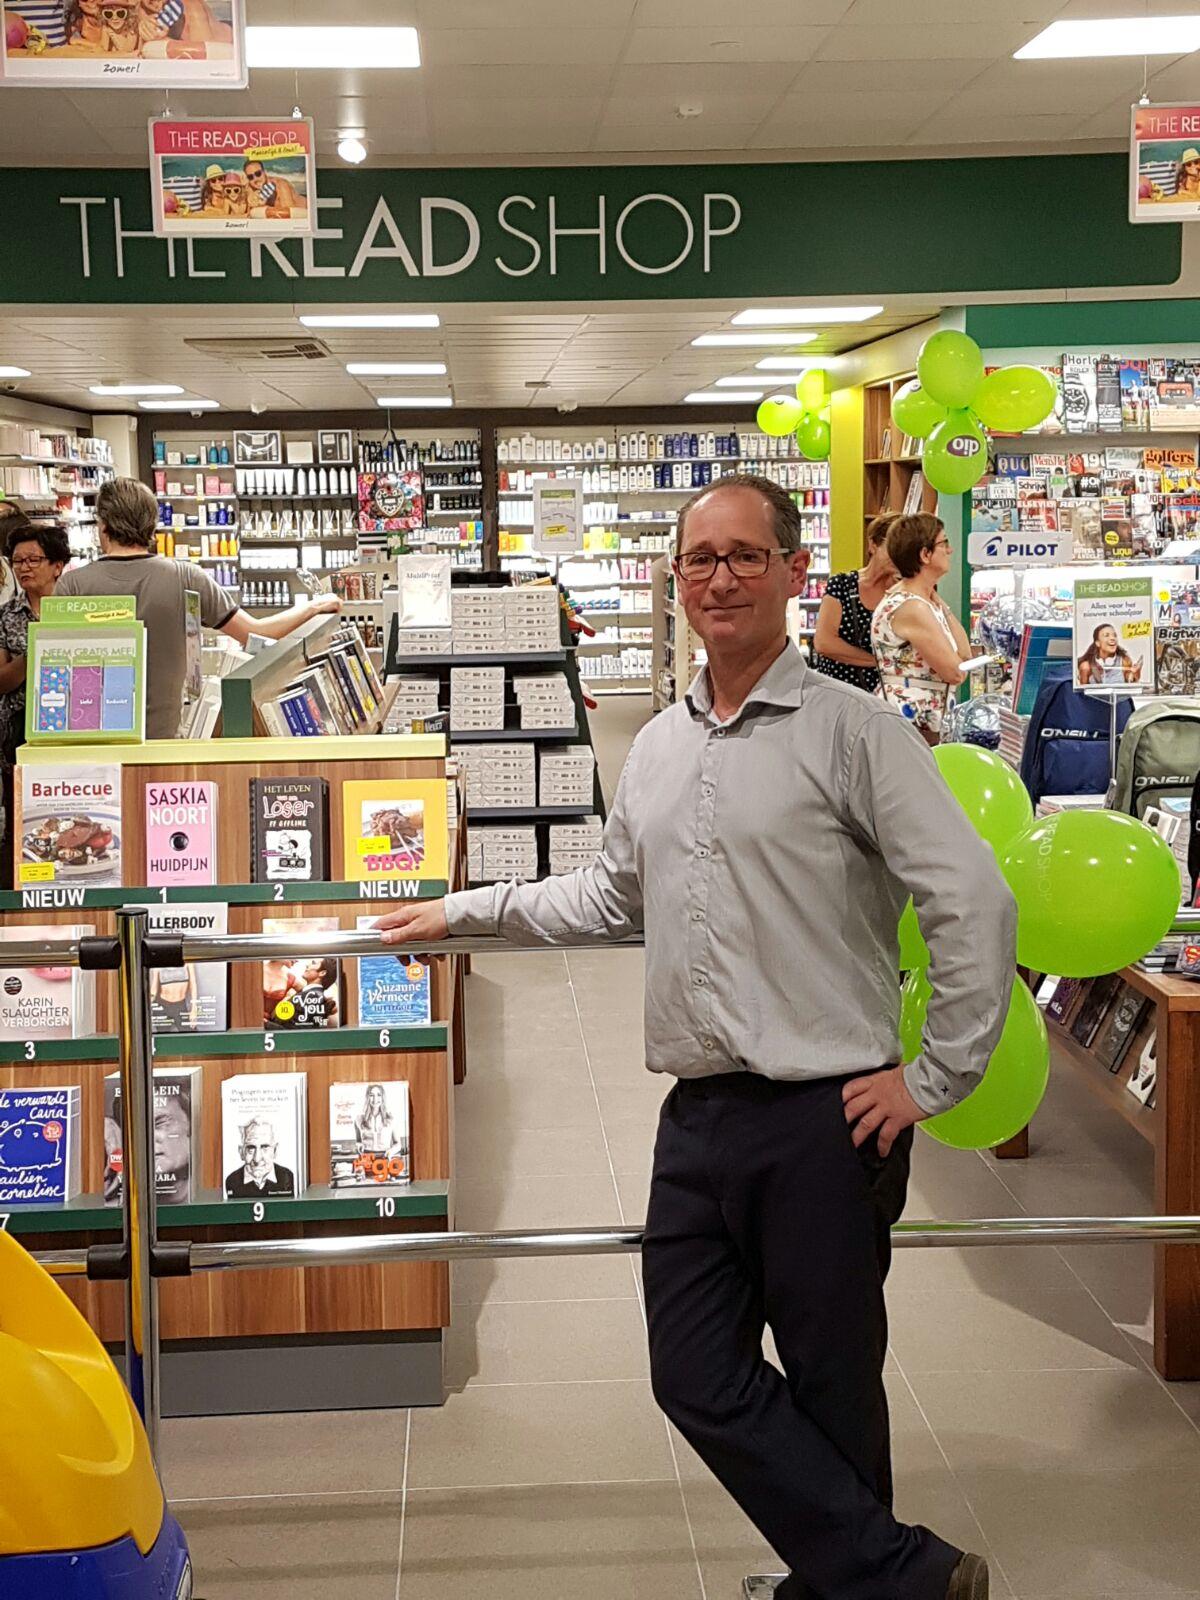 Supermarkt-eigenaar Wim Eijkemans heeft een D.I.O. drogisterij en een The Read Shop vestiging aan de winkel toegevoegd om de dienstverlening aan de klant verder te vergroten. Bron: FranchiseFormules.NL